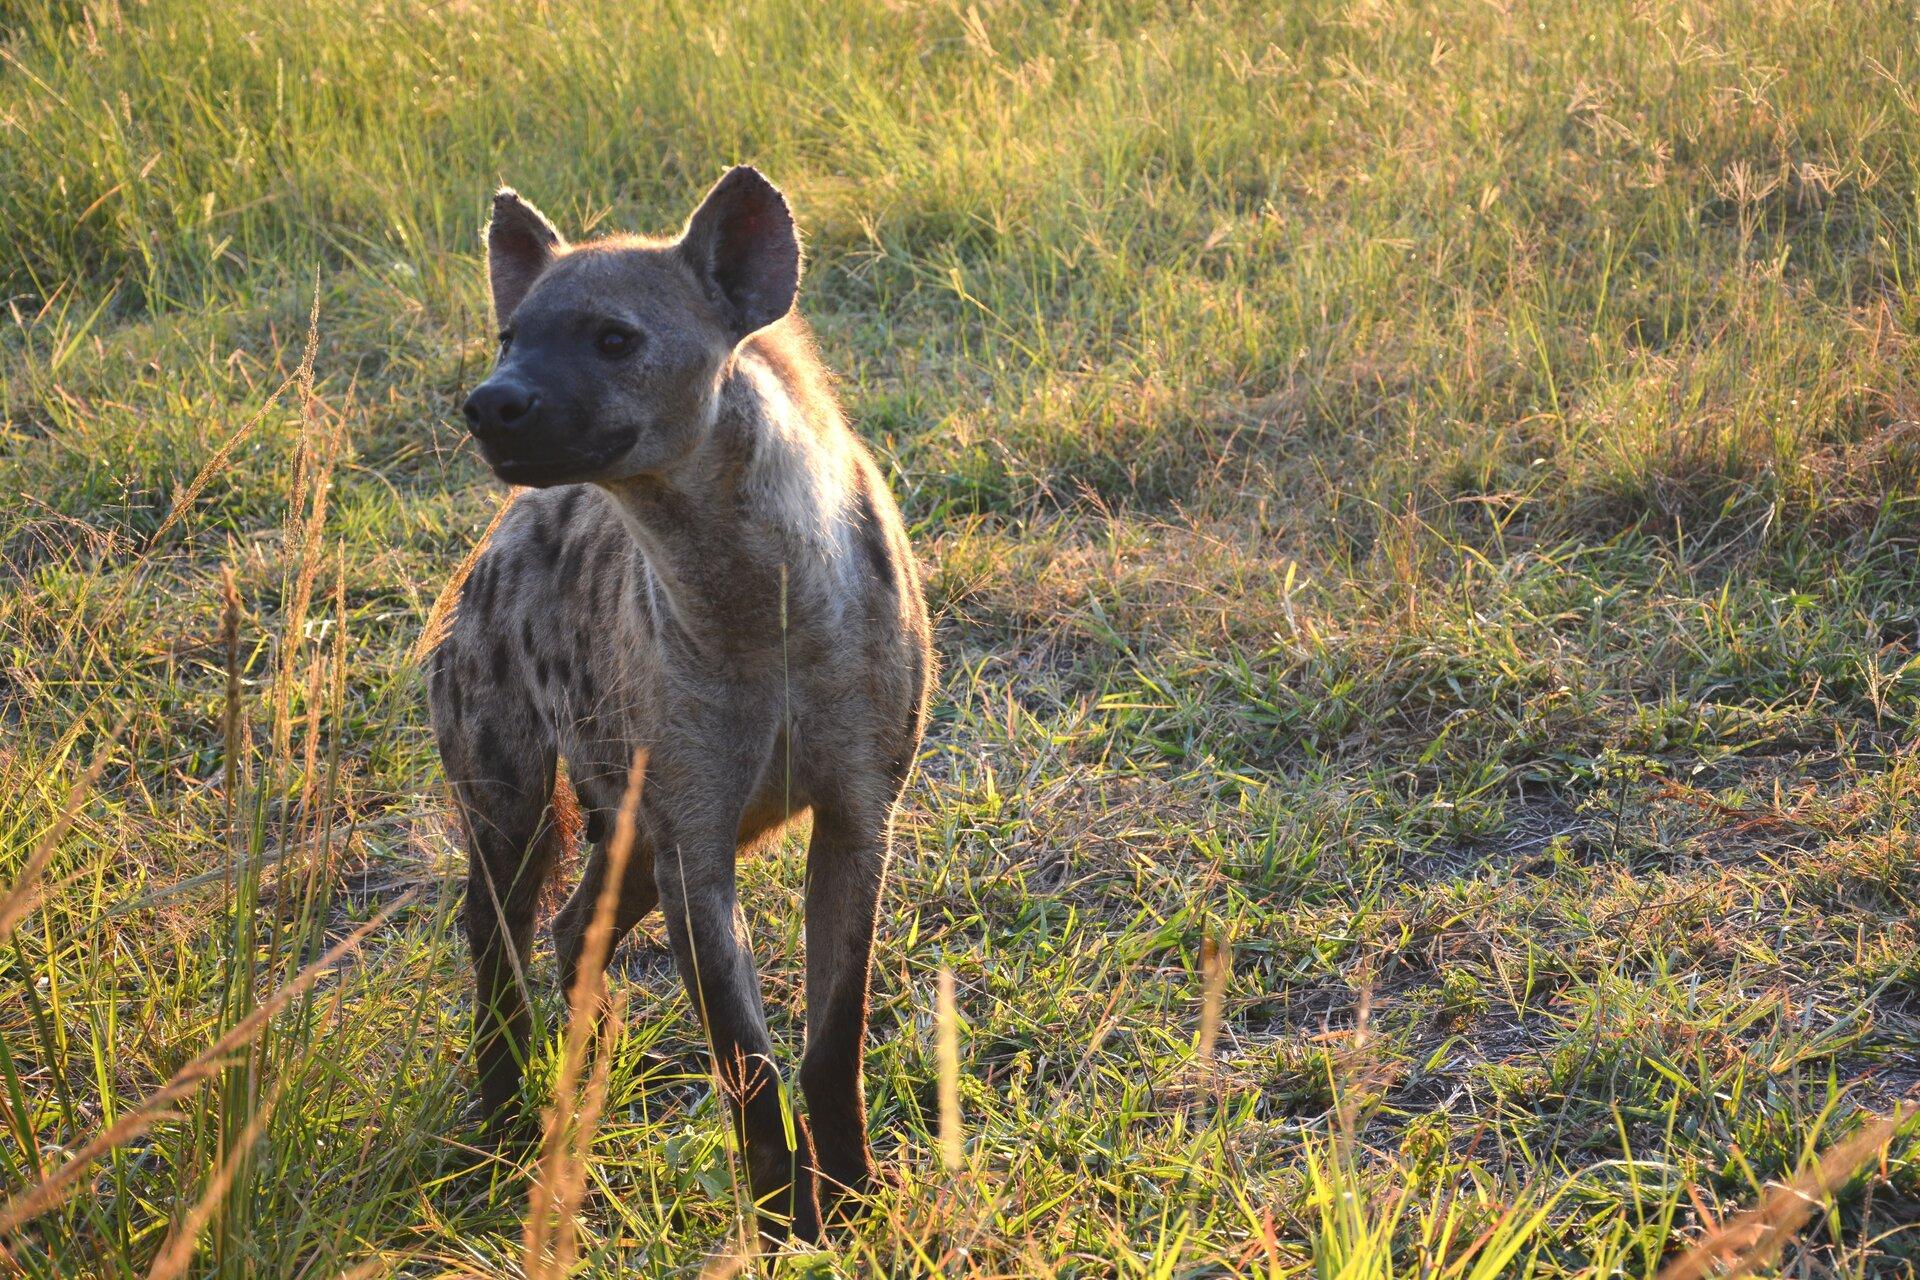 Fotografia przedstawia cętkowaną hienę, która obgryza kości dużej czaszki bawoła. Hiena przypomina psa zdługą, kudłatą sierścią. Głowa zprawej, mocne szczęki hieny bokiem zaciśnięte na kościach, pysk lekko otwarty. Czarne grube rogi, wieńczące czaszkę leżą na ziemi.